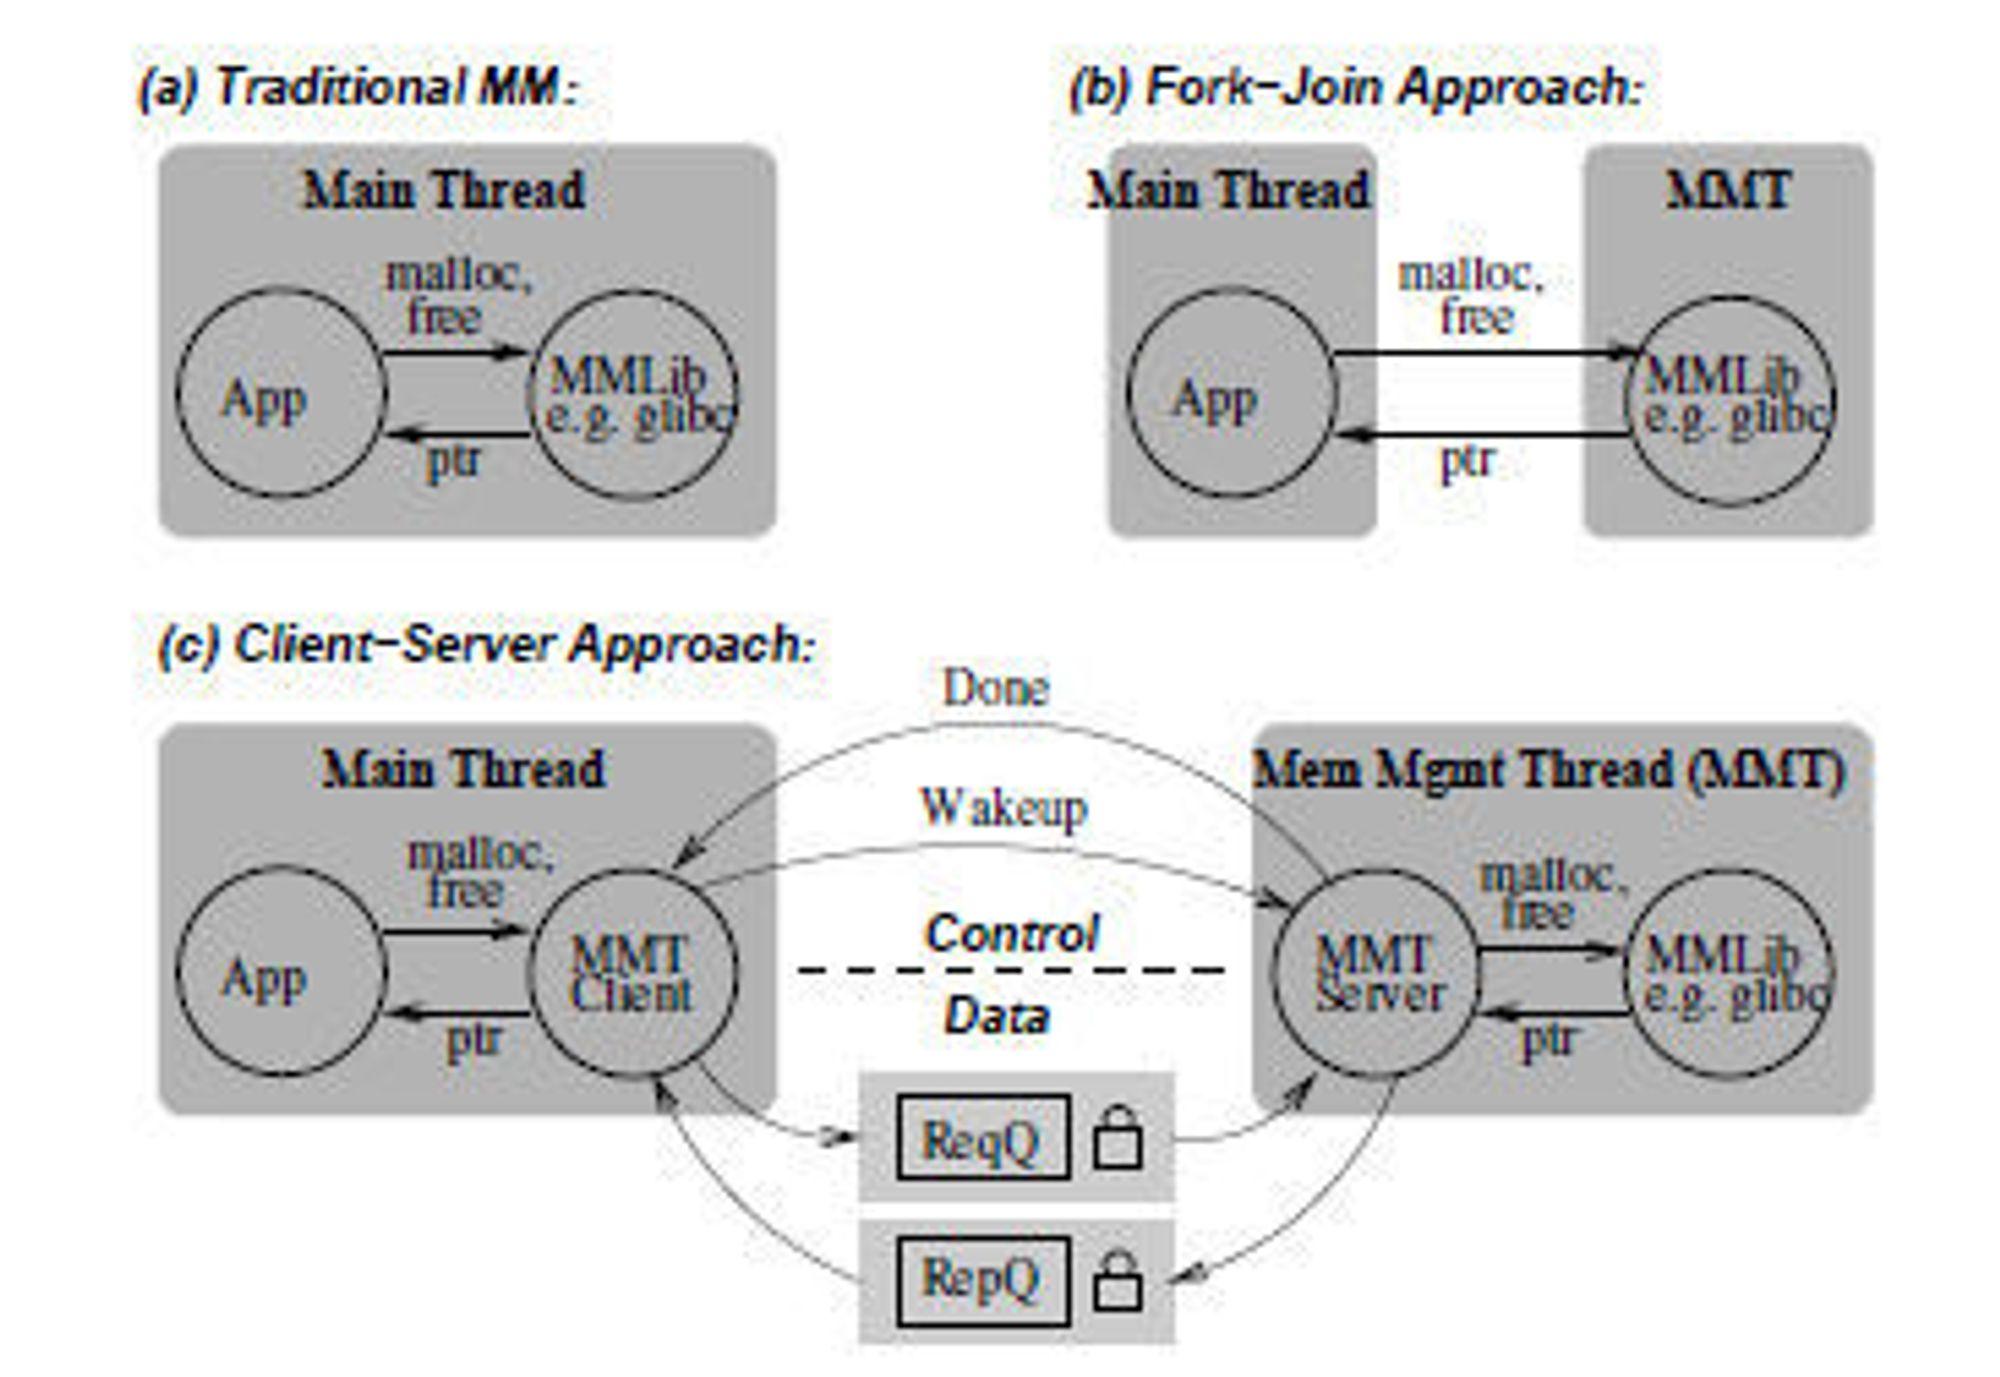 (a) Tradisjonell minnehåndtering, (b)Fork-join-tilnærming for MMT, (c) Klient-server-tilnærming for MMT.